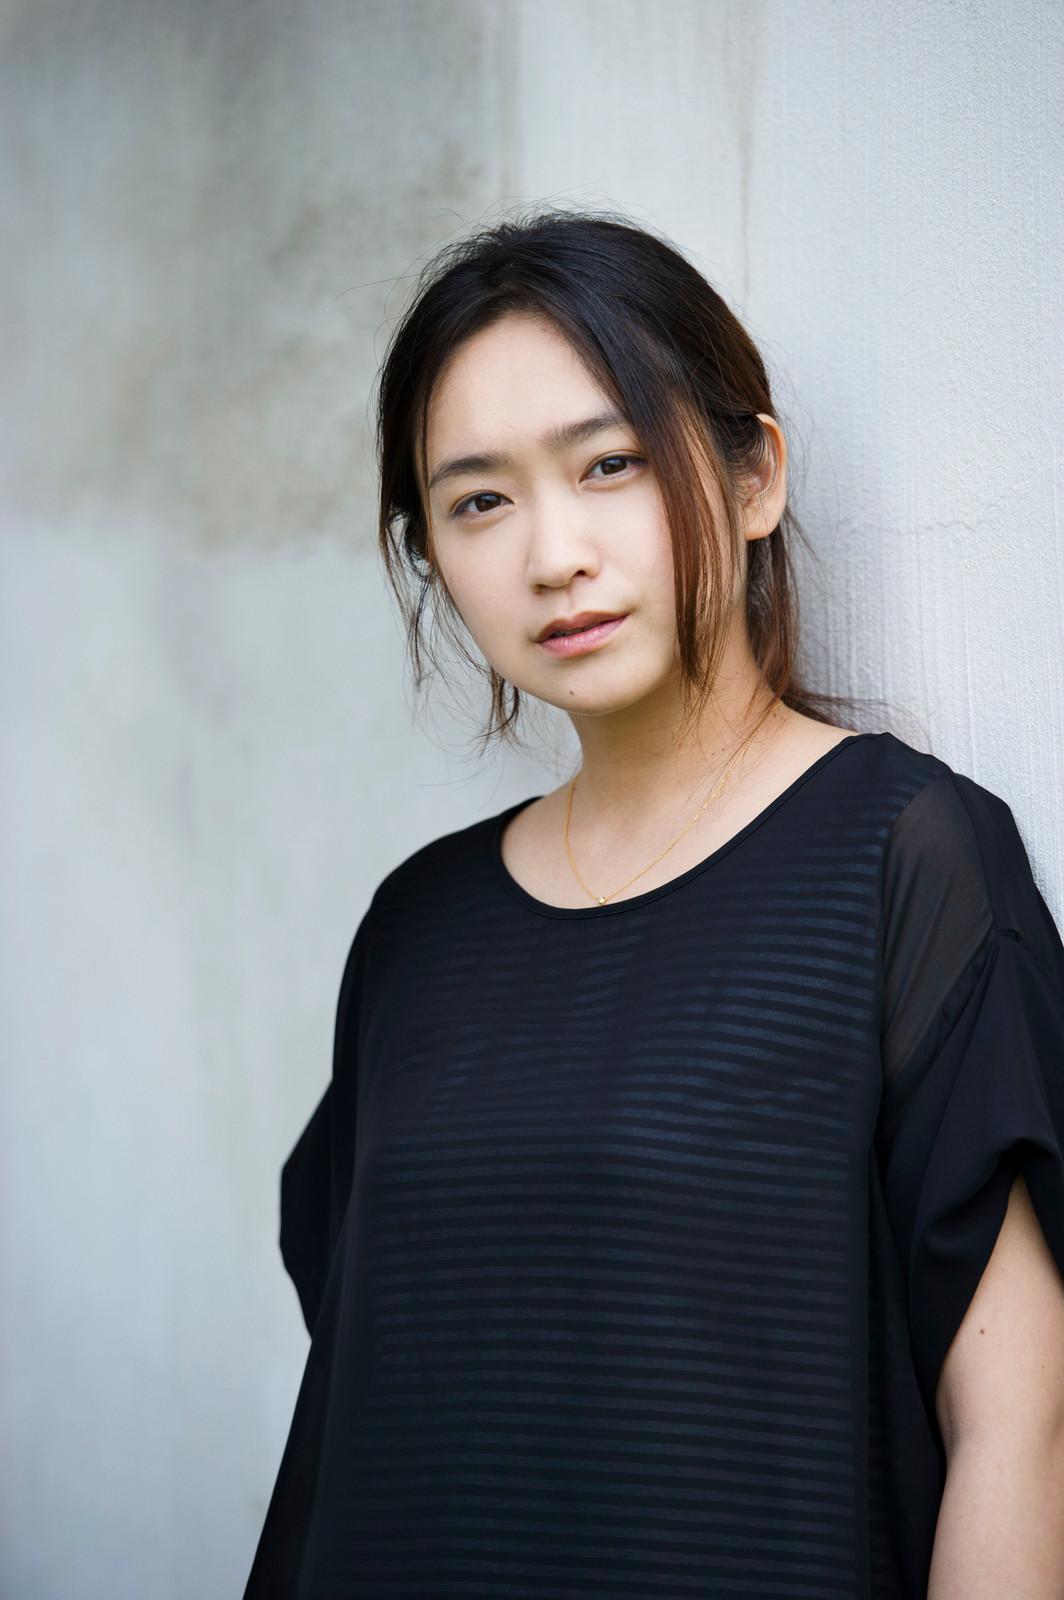 「池脇千鶴」の画像検索結果